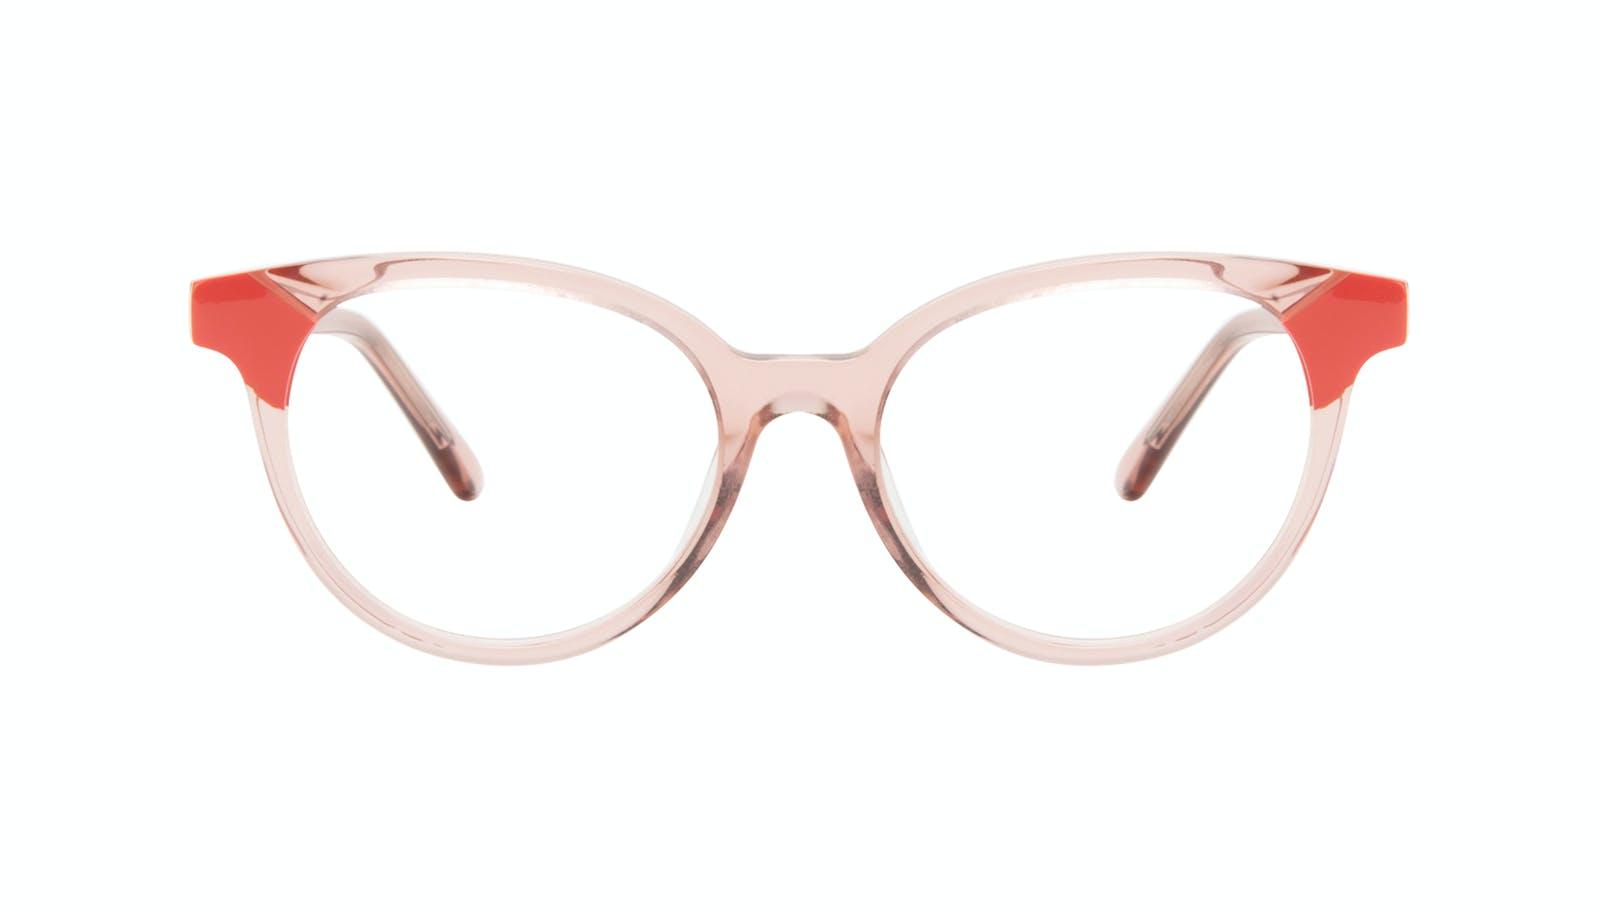 Lunettes tendance Ronde Lunettes de vue Femmes Bright Pink Coral b5826c036d5e